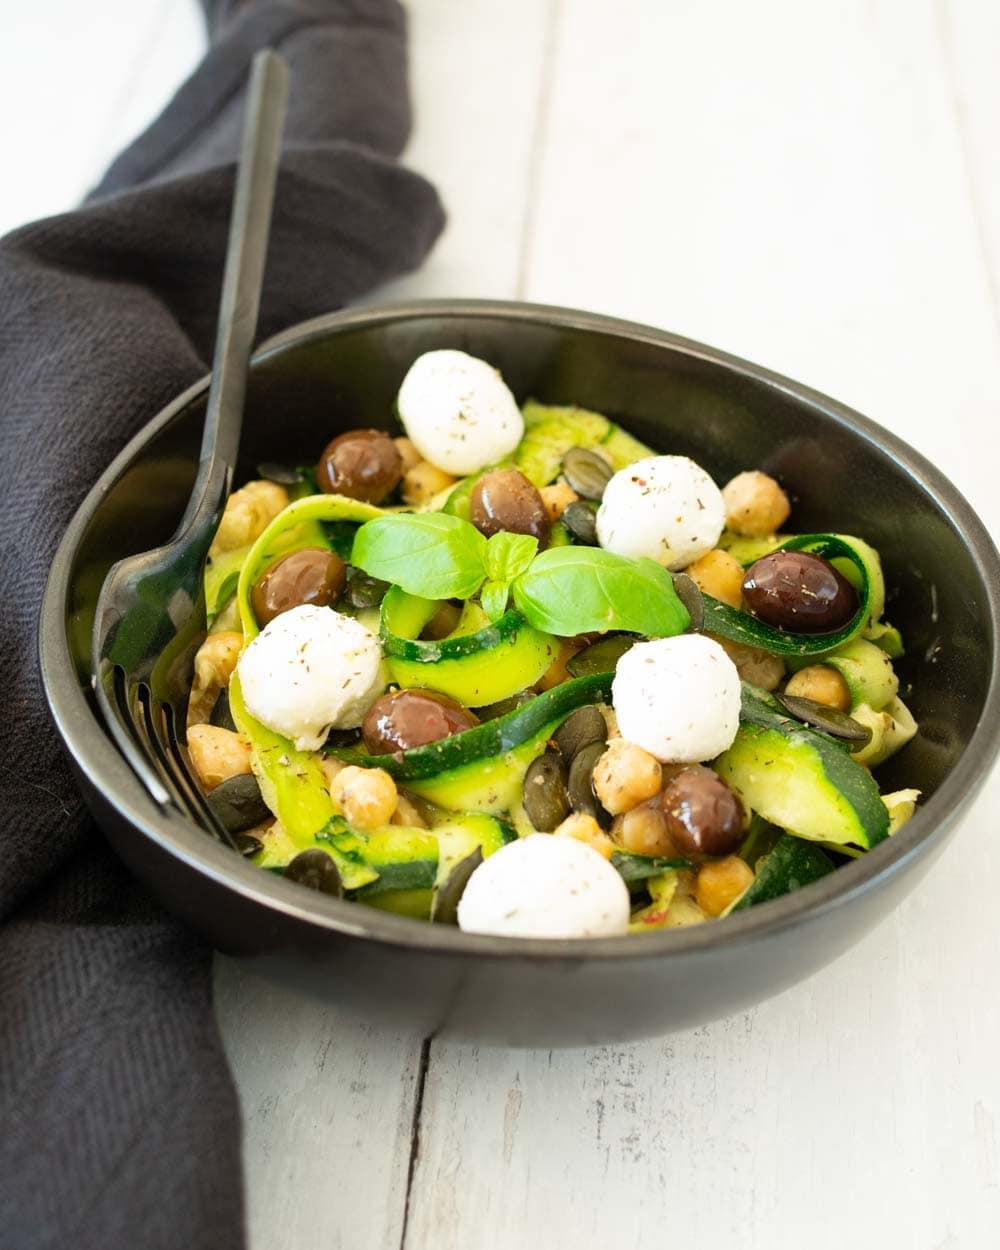 Salade de courgettes au chèvre frais, sauce au pesto - la cerise sur le maillot